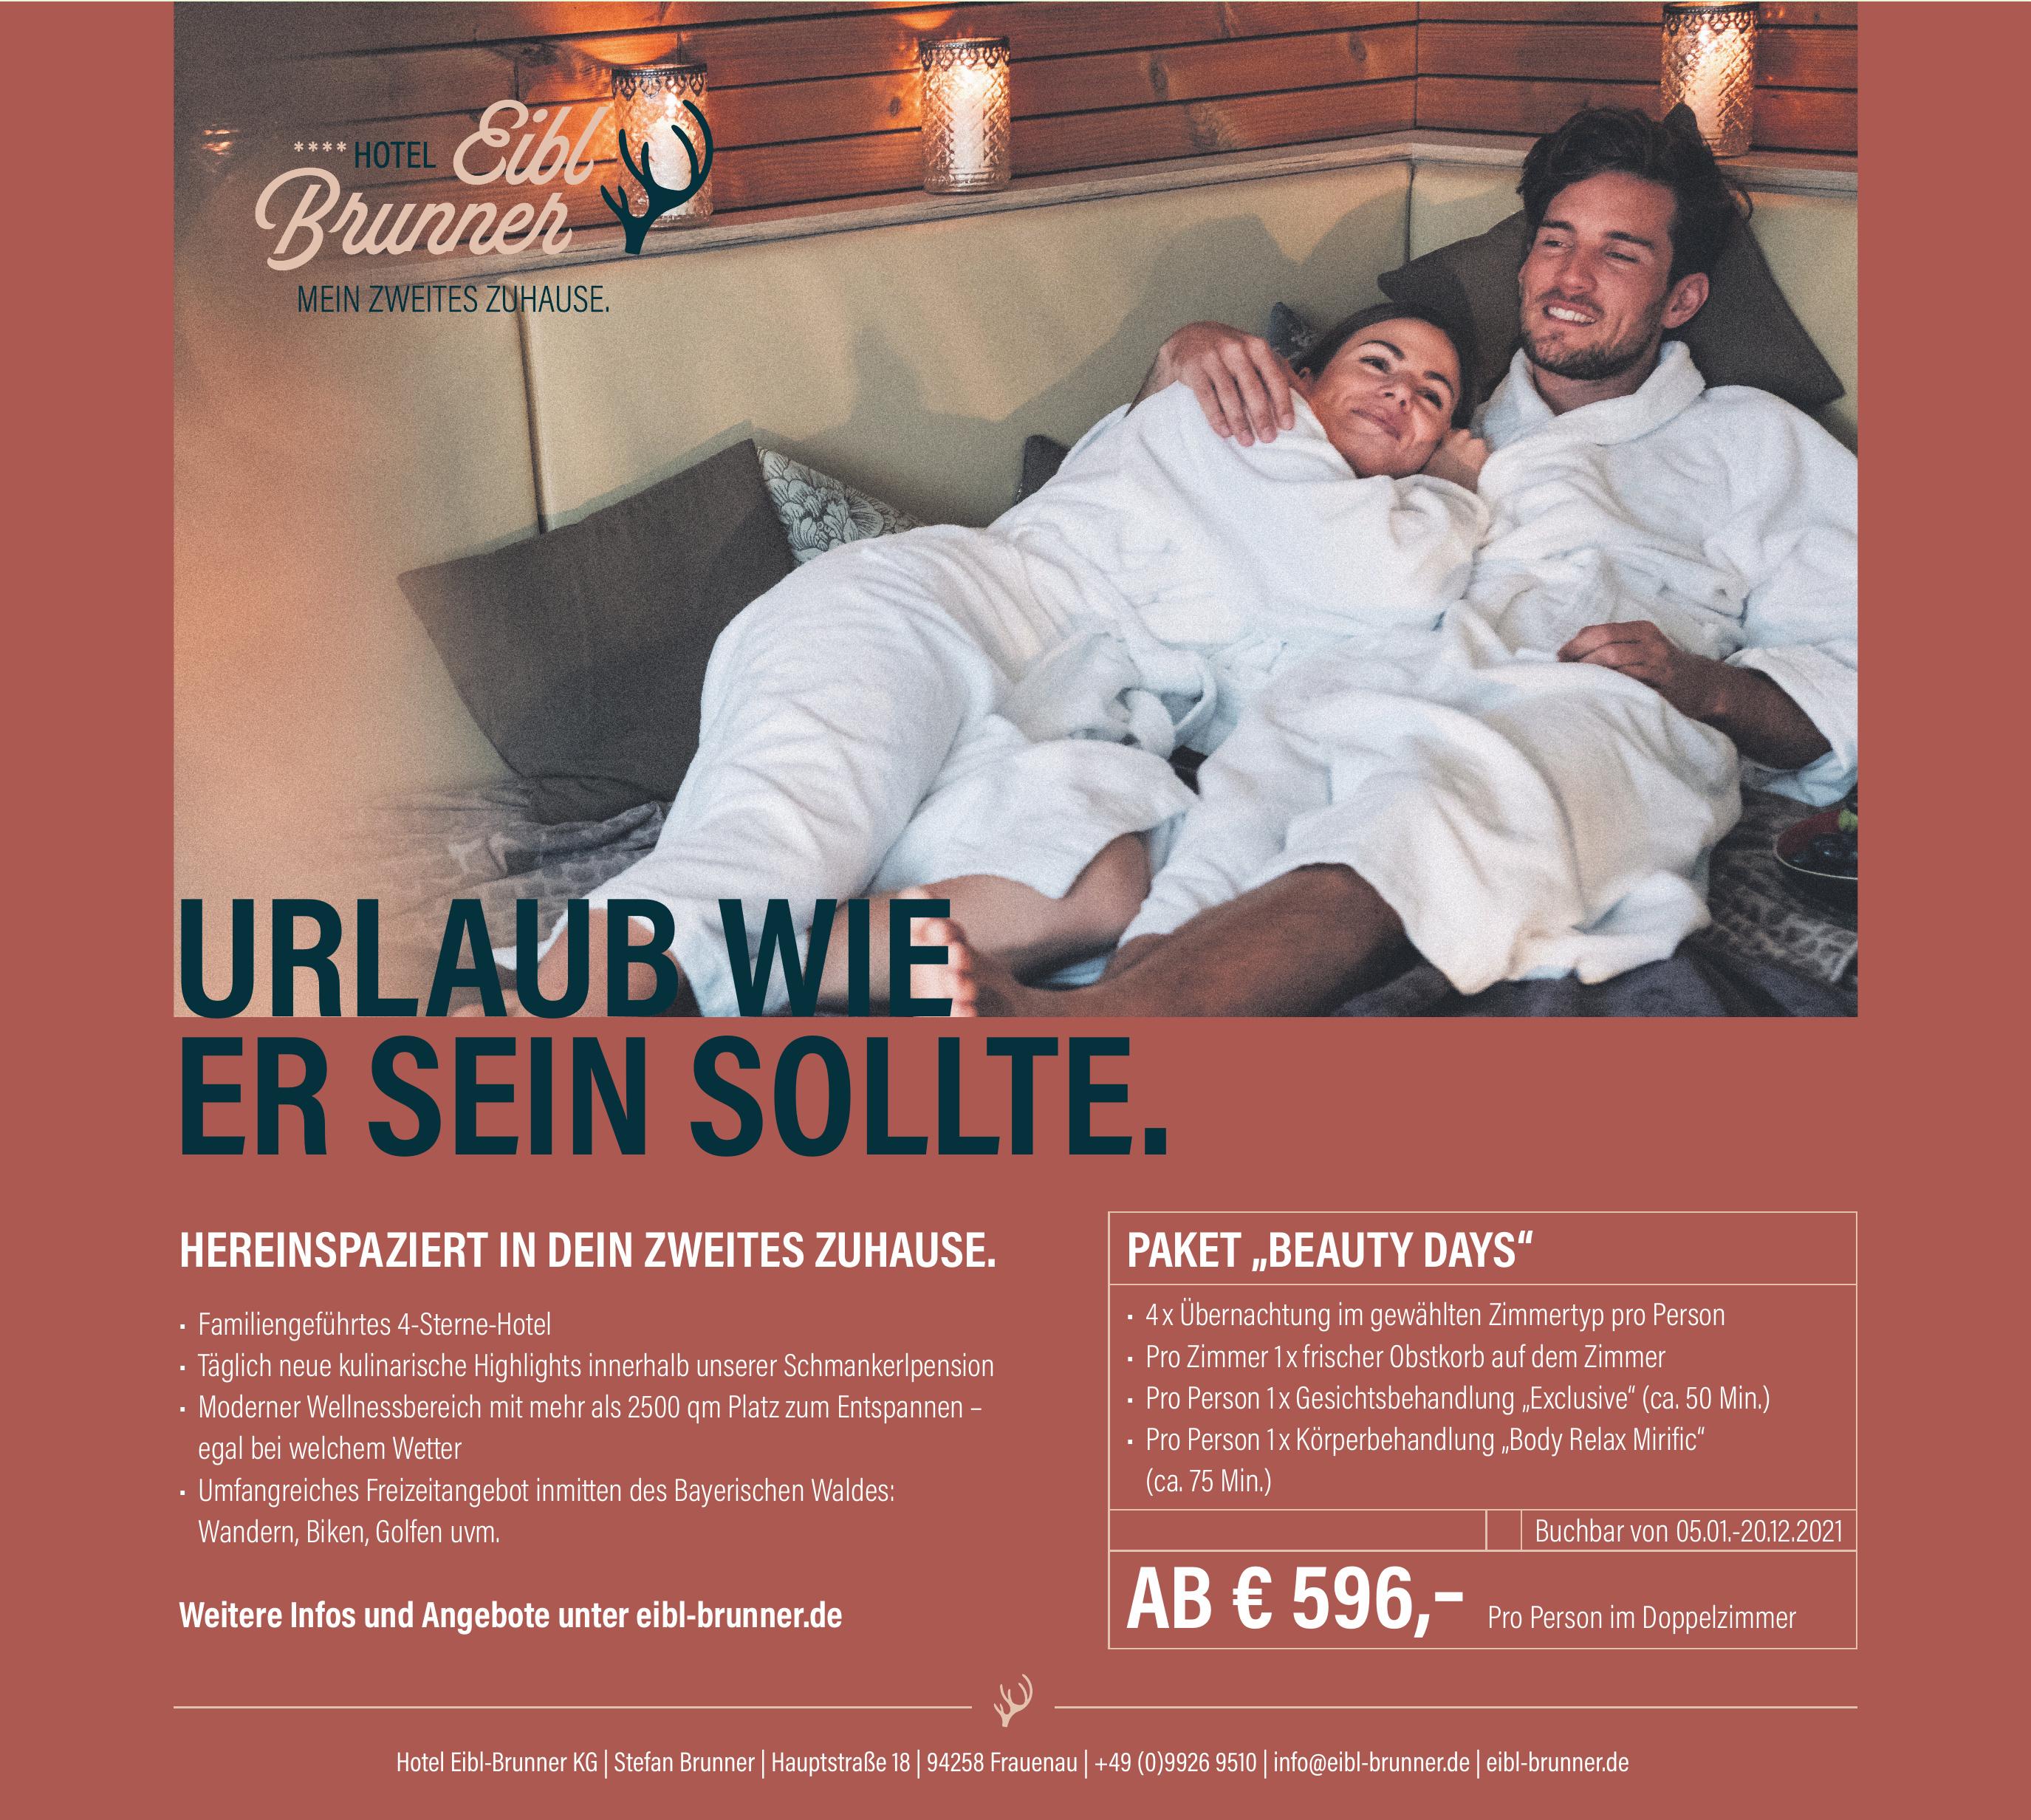 Hotel Eibl-Brunner KG